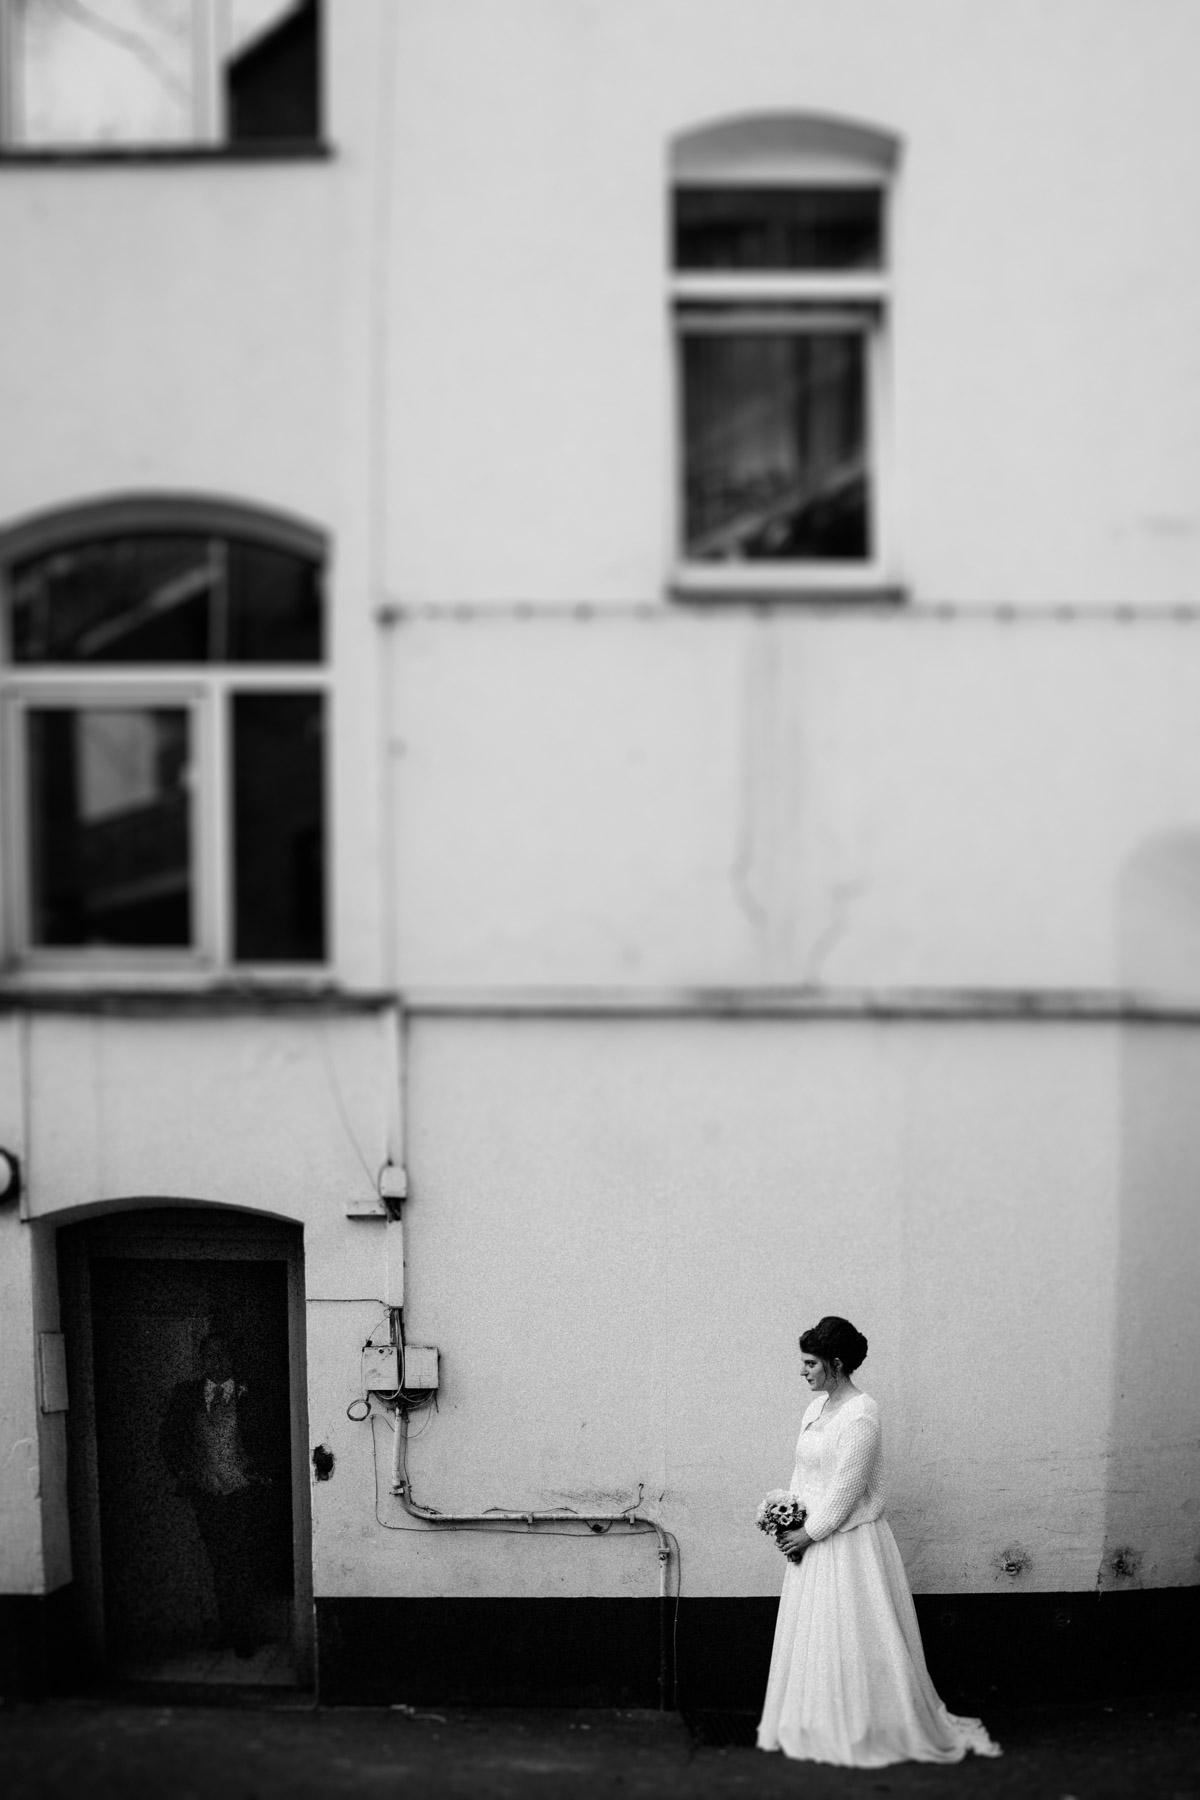 hochzeit-hochzeitsfotografie-hochzeitsreportage-hameln-hannover-hochzeitsfotograf-amaweddingphotographer-ama-photographer-parkdeckshooting-paarshooting-fotobox-17 Marie & Elias